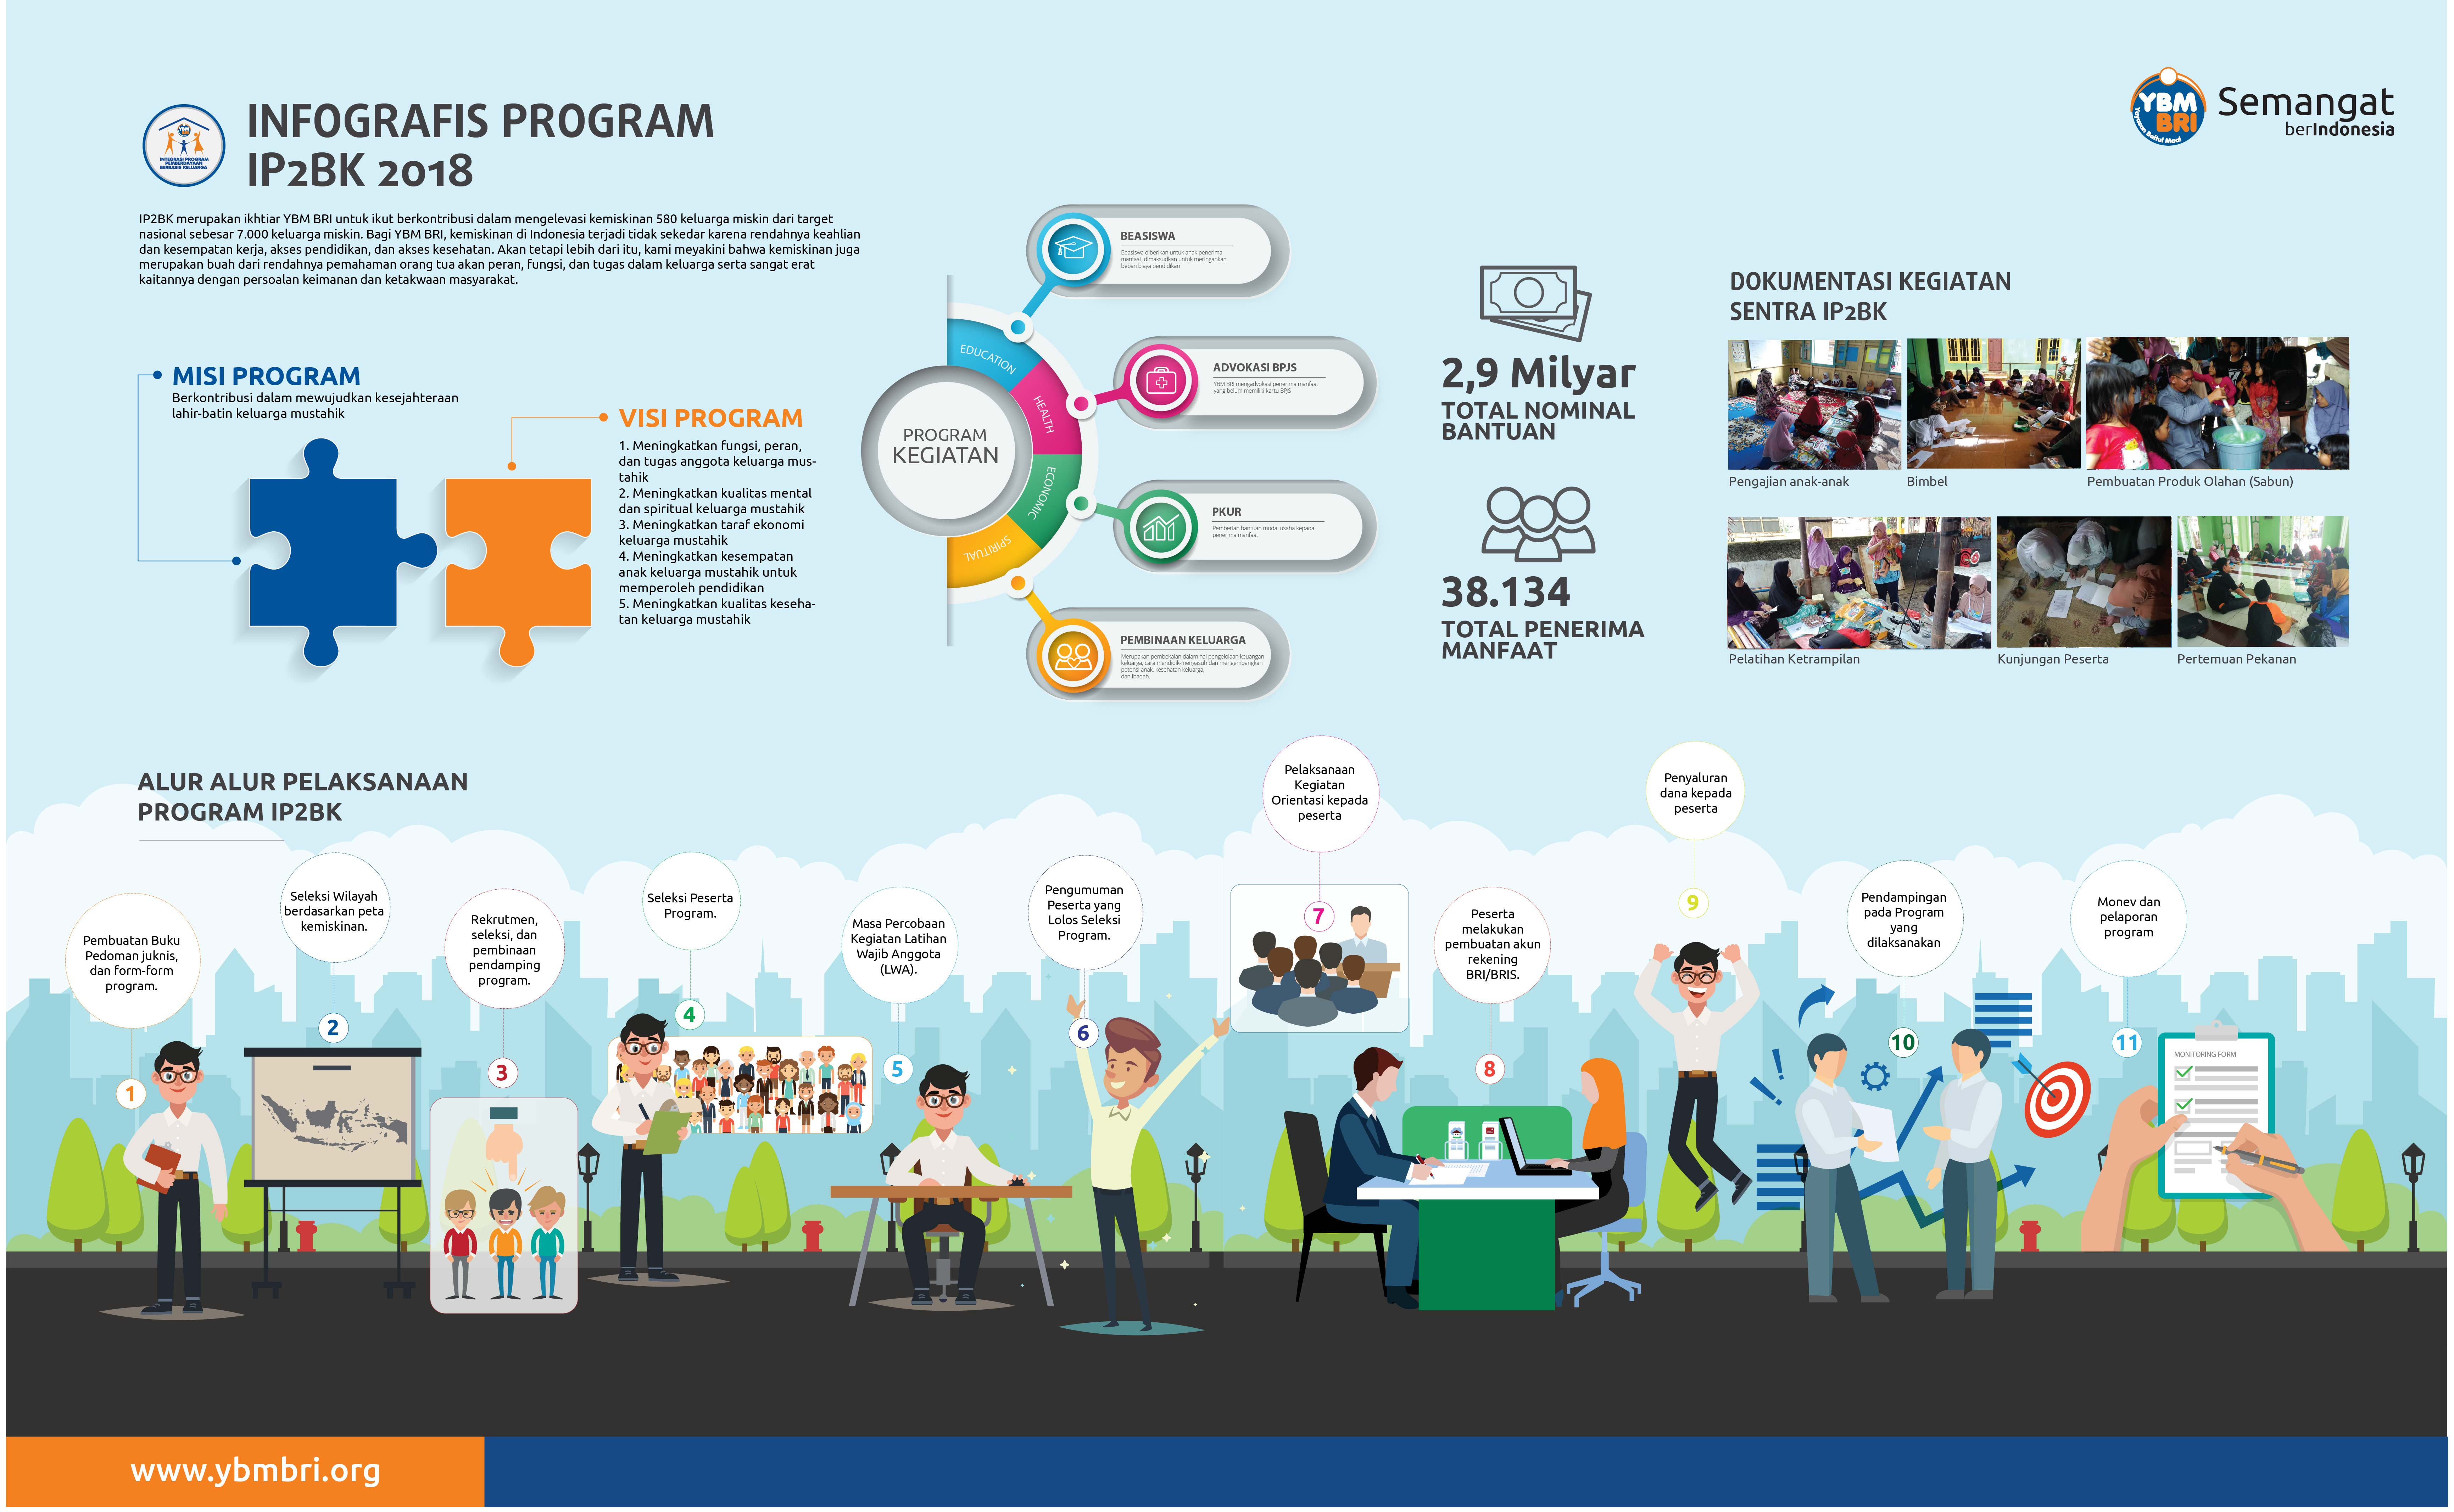 Infografis Integrasi Program Pemberdayaan Berbasis Keluarga (IP2BK) 2018